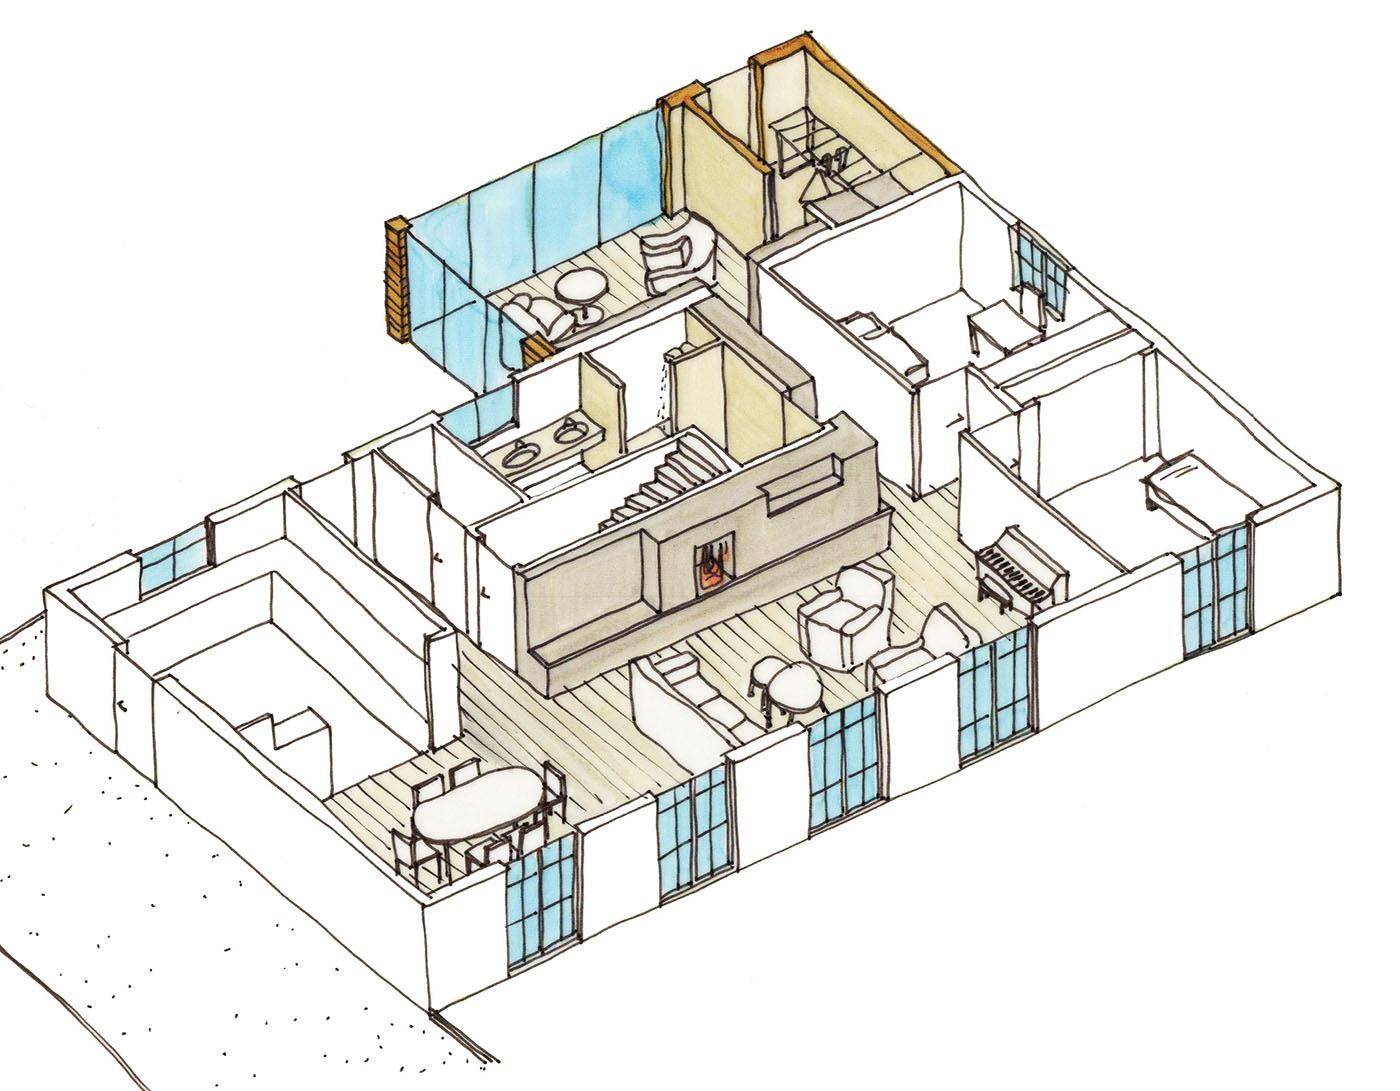 Dessin de la nouvelle organisation de l'étage principal de la maison, dans l'esquisse des architectes